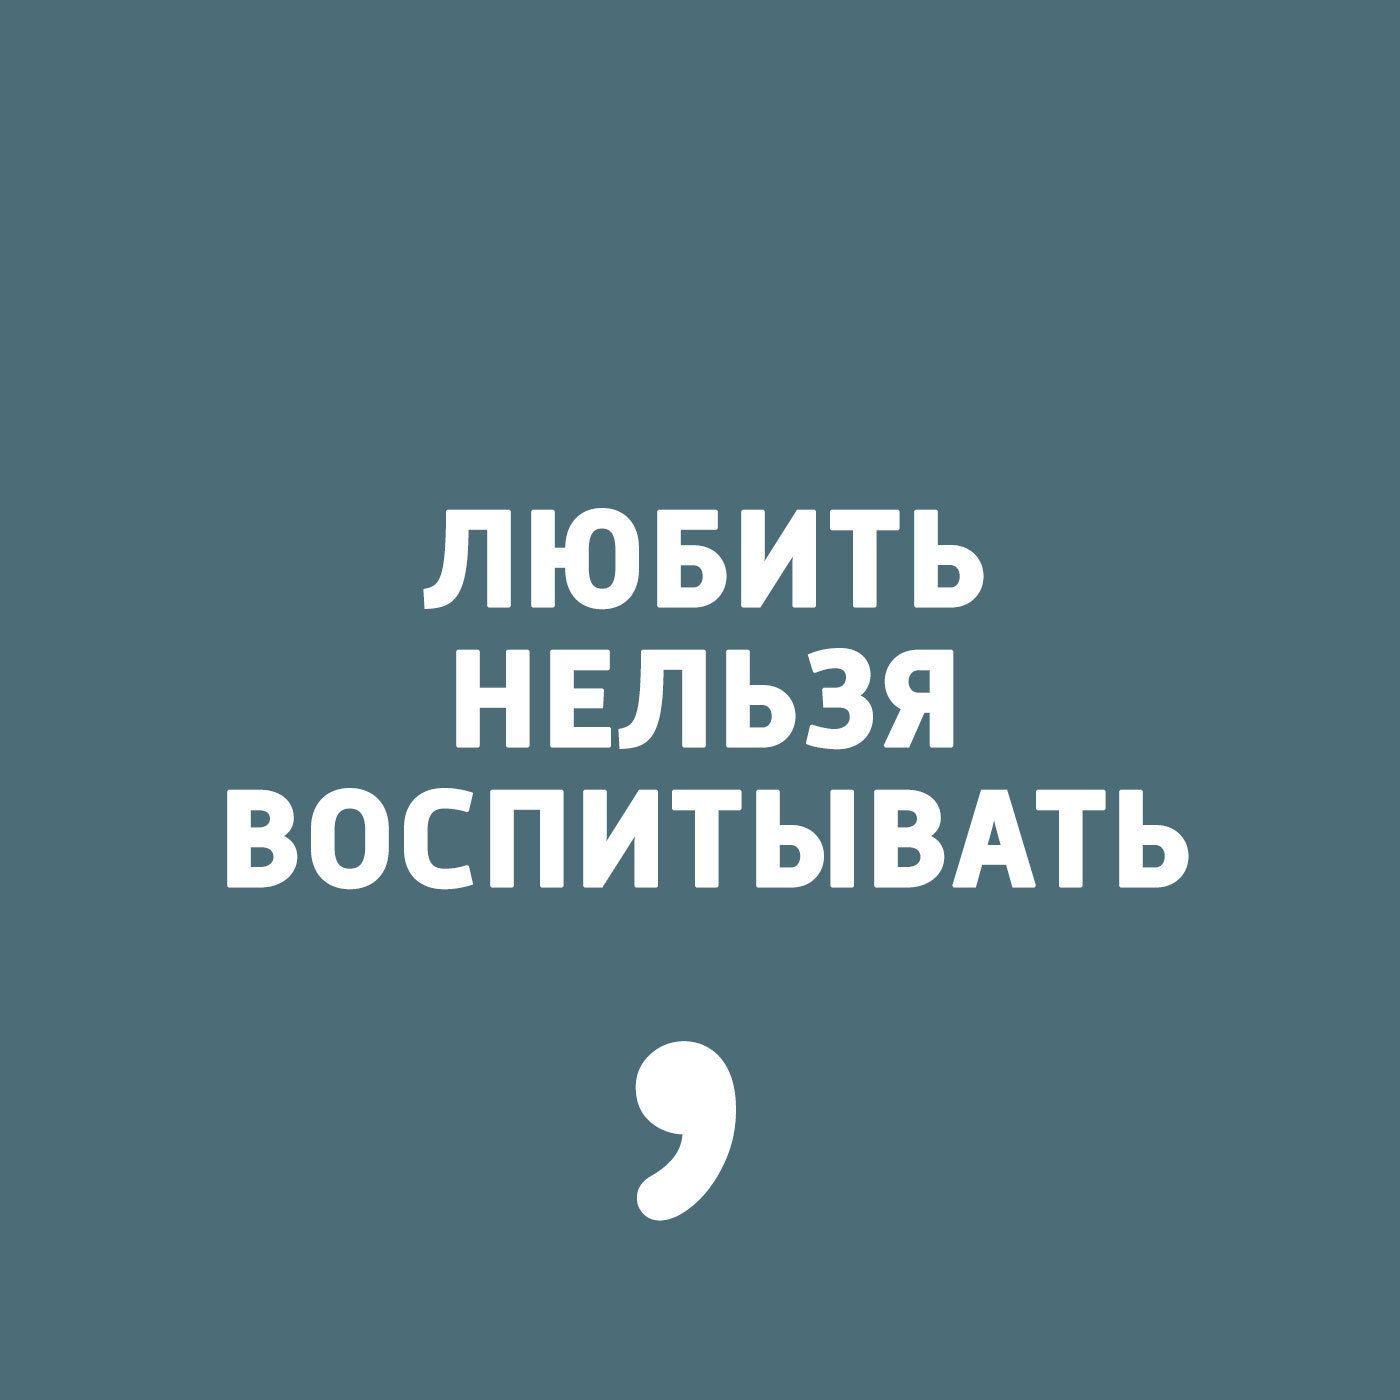 Дима Зицер Выпуск 58 твендж д поколение селфи кто такие миллениалы и как найти с ними общий язык